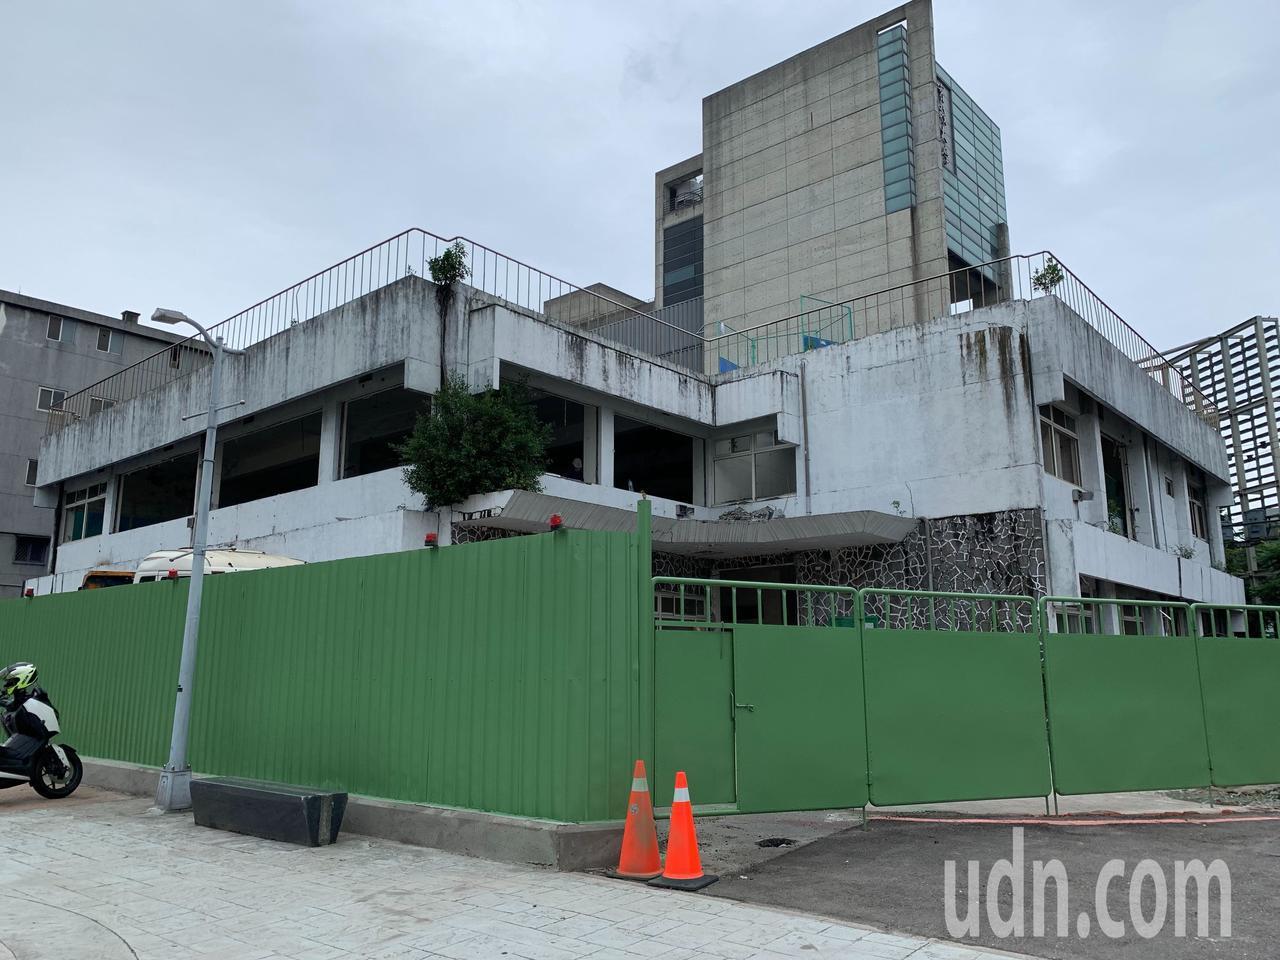 軍方在台北市大直首度設置的「國防部幼兒園」已動工整建,招收軍眷子女包括幼幼班21...